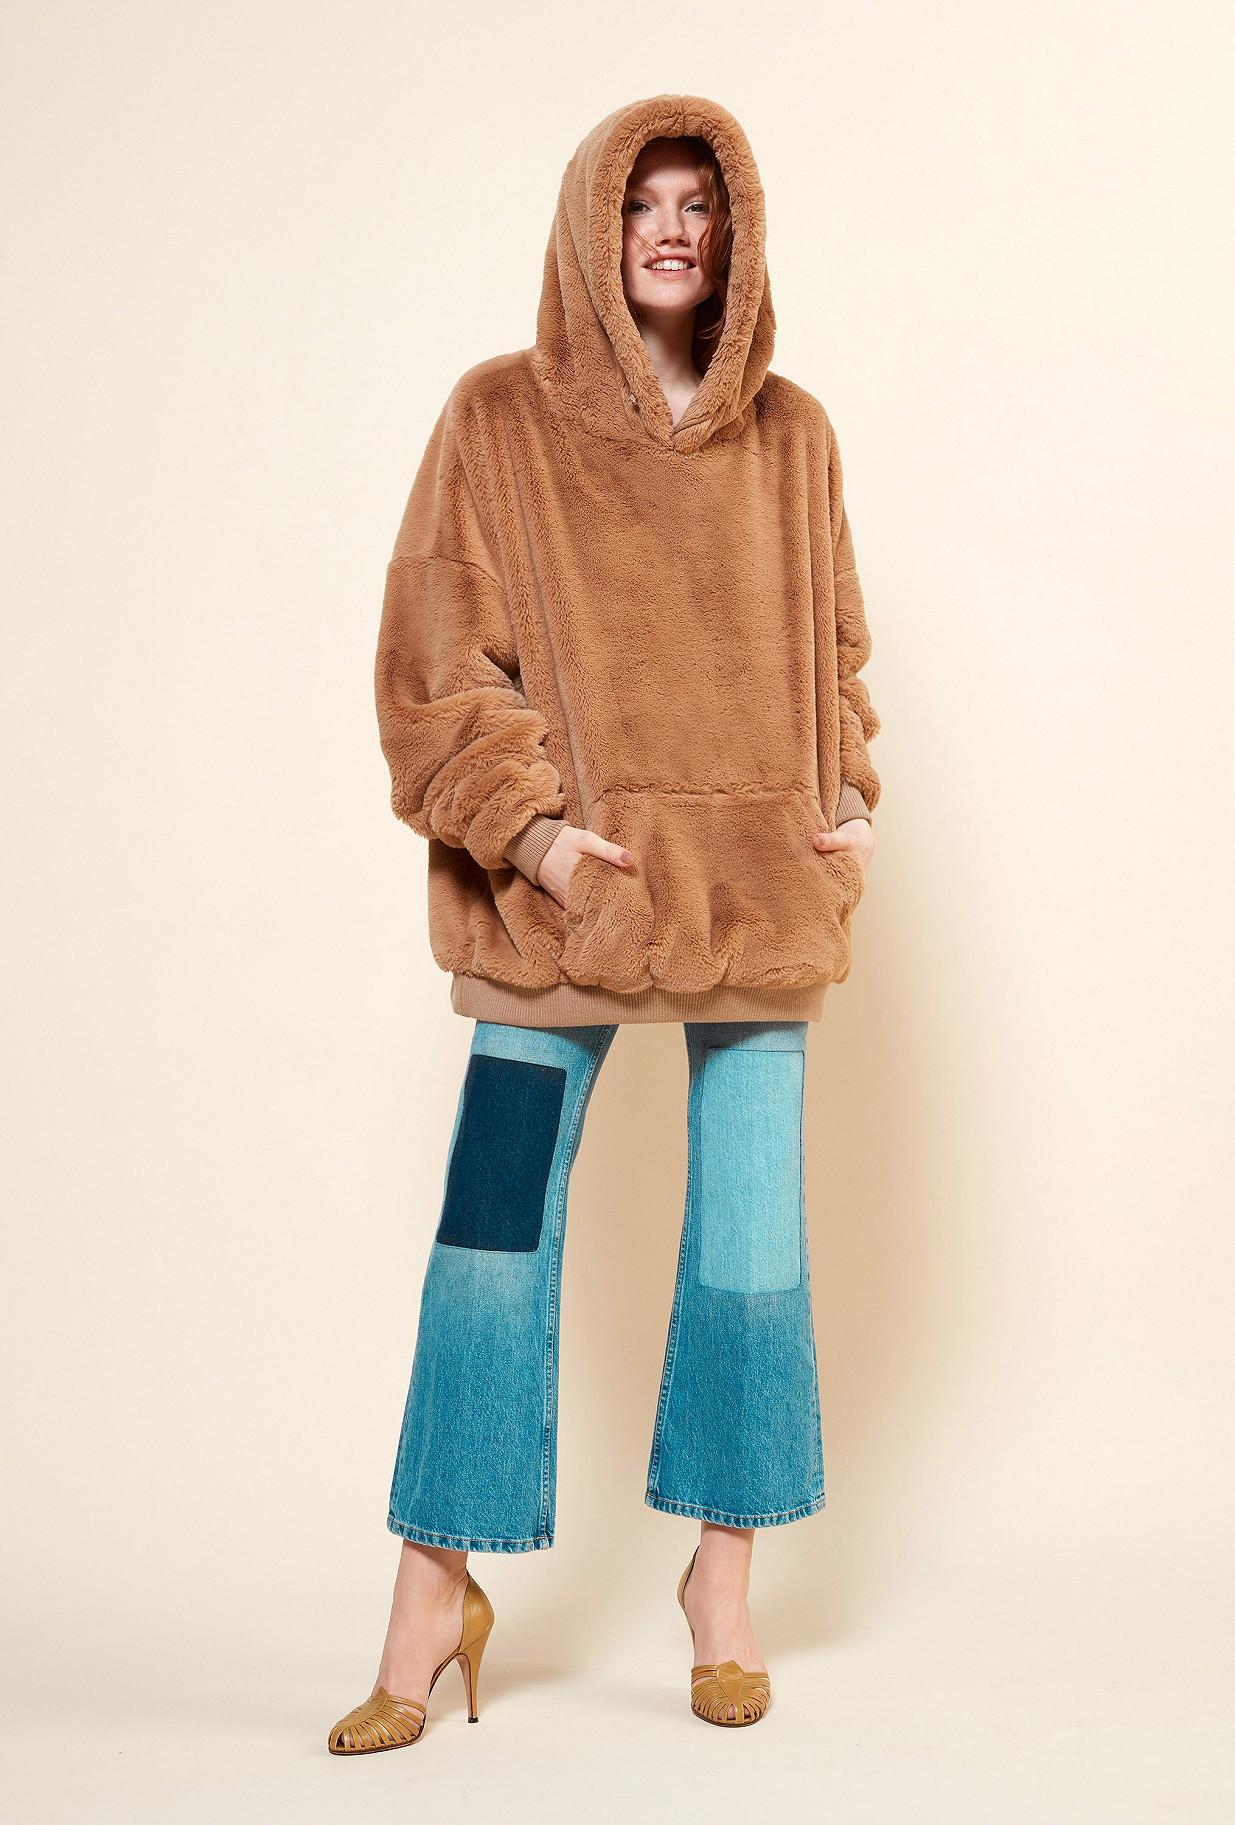 MANTEAU Camel  Godard mes demoiselles paris vêtement femme paris